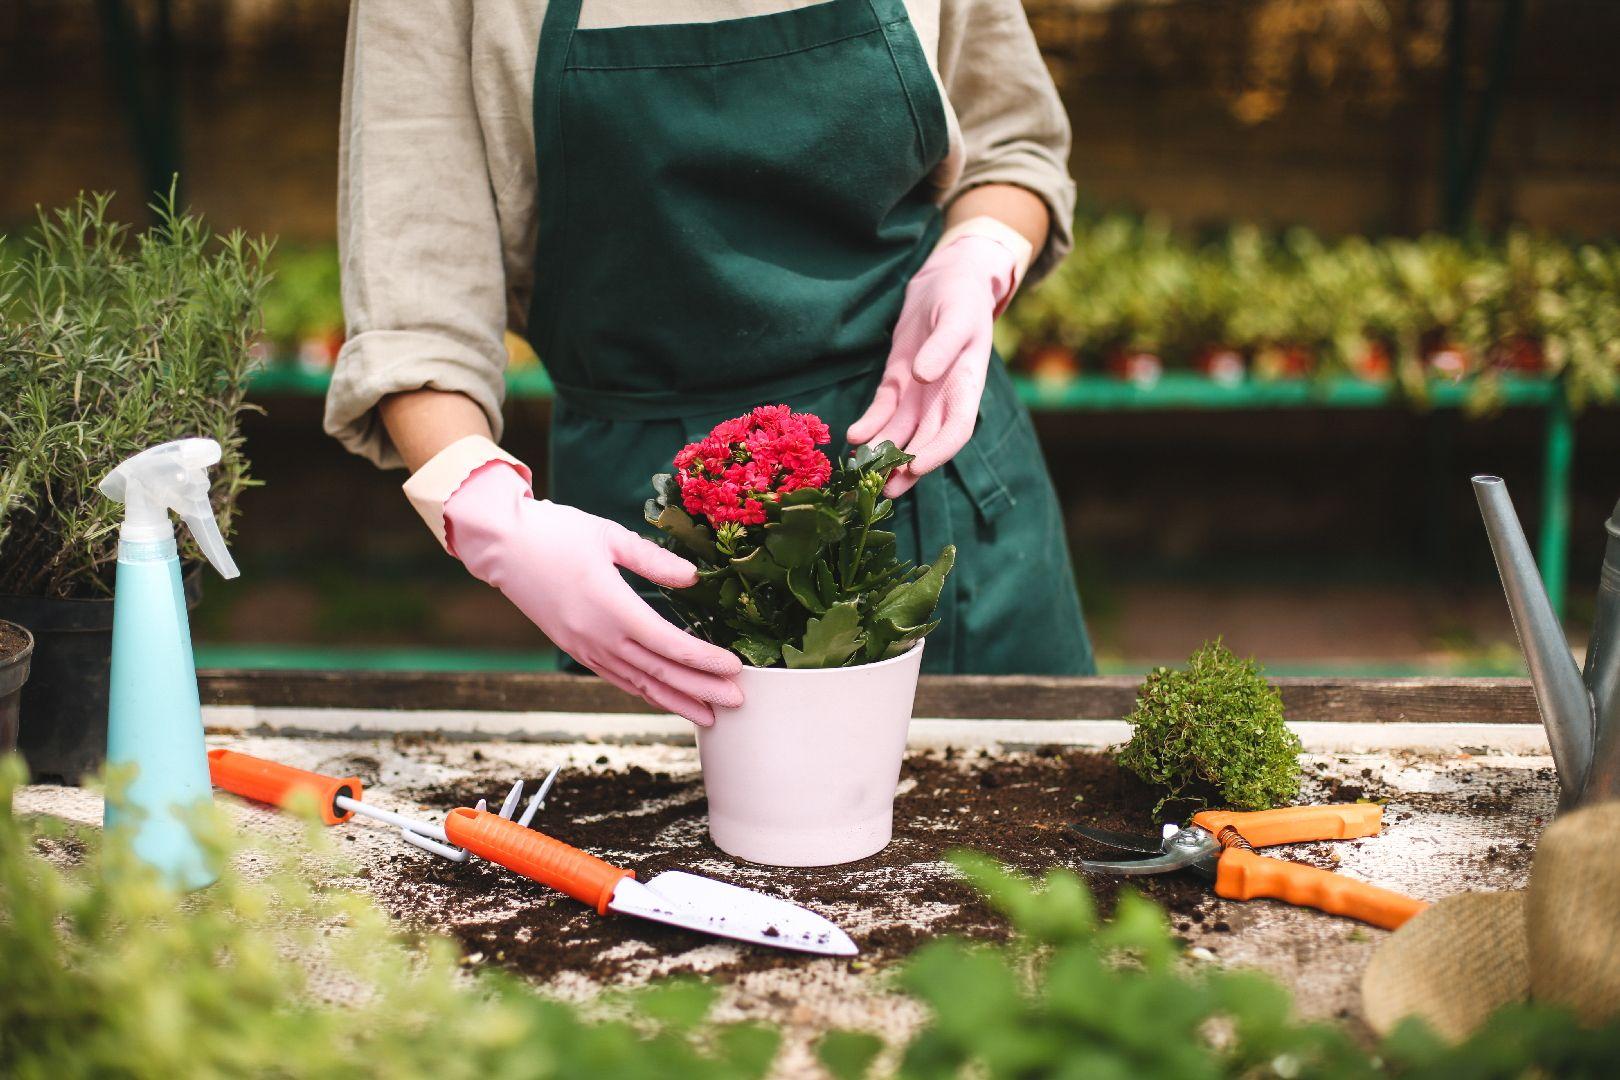 Horticulture - Pépinière Bienvenot | horticulture à Wisches